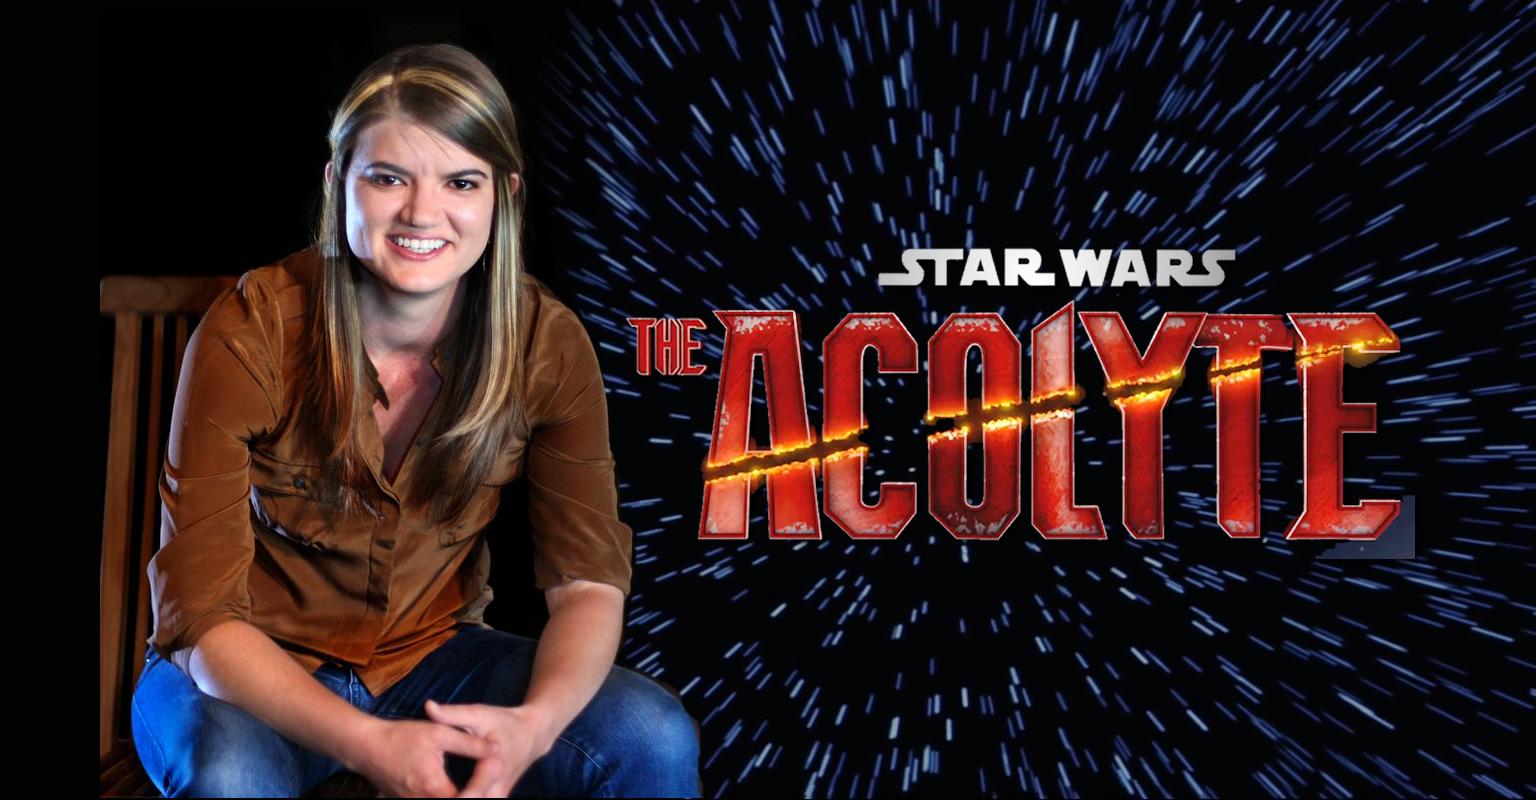 STAR WARS O ACÓLITO Showrunner Leslye Headland revela que a série foi inspirada em AMEAÇA FANTASMA